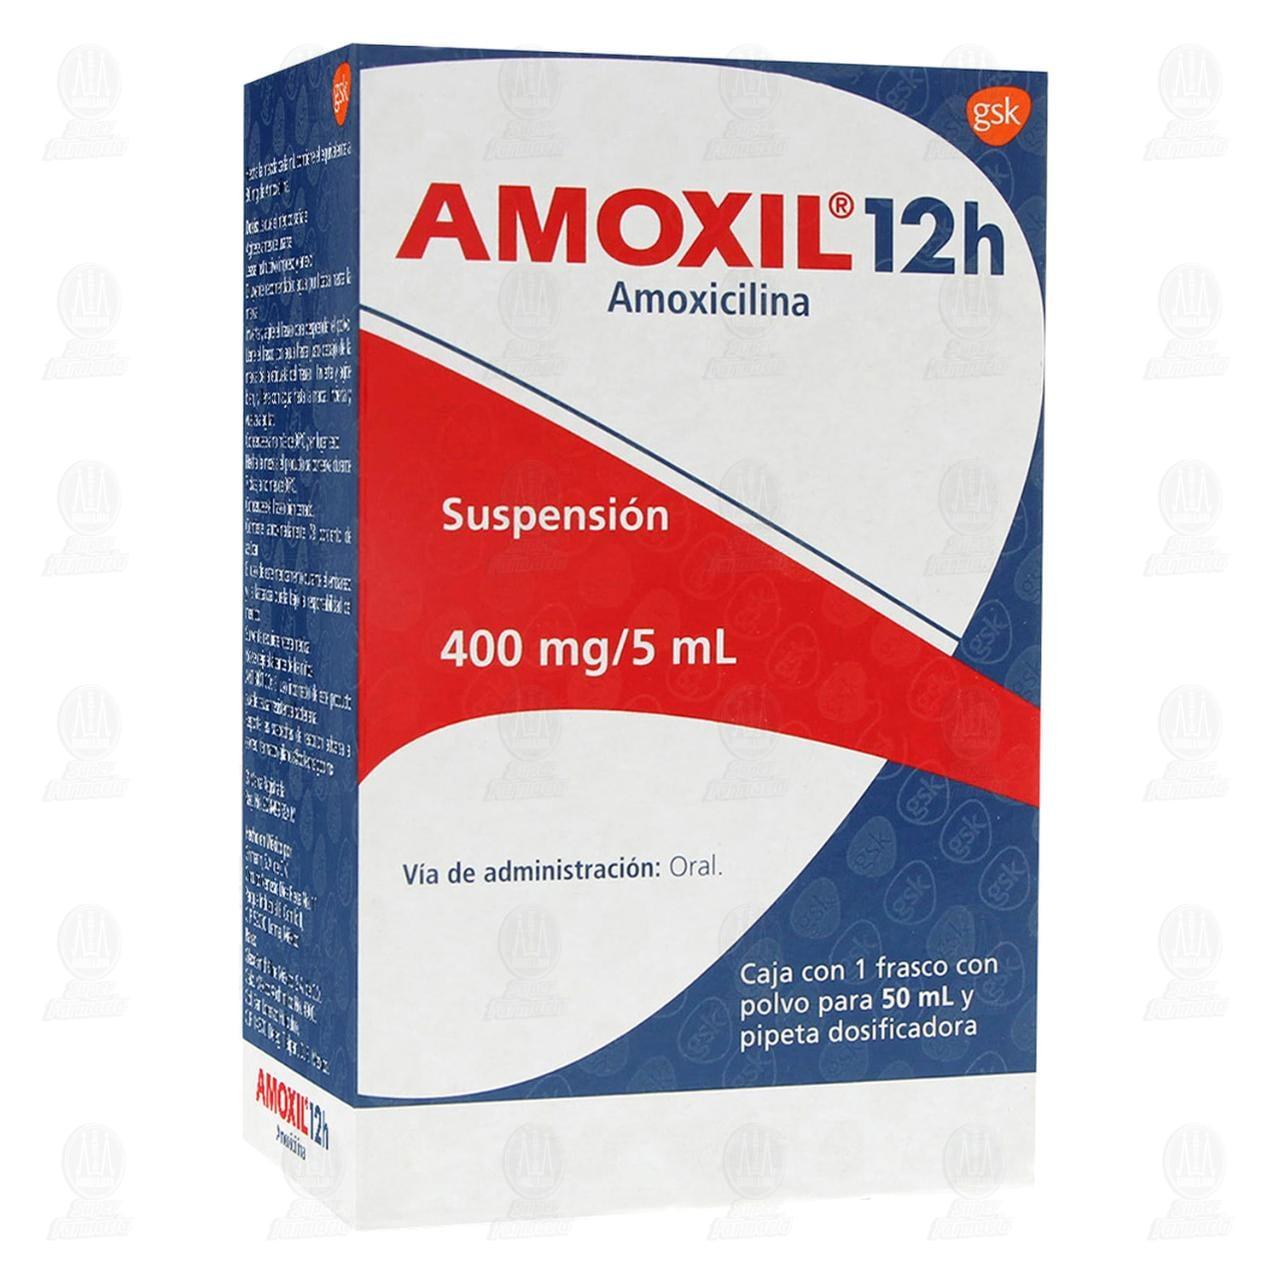 Comprar Amoxil 12h 400mg/5ml 50ml Suspensión en Farmacias Guadalajara